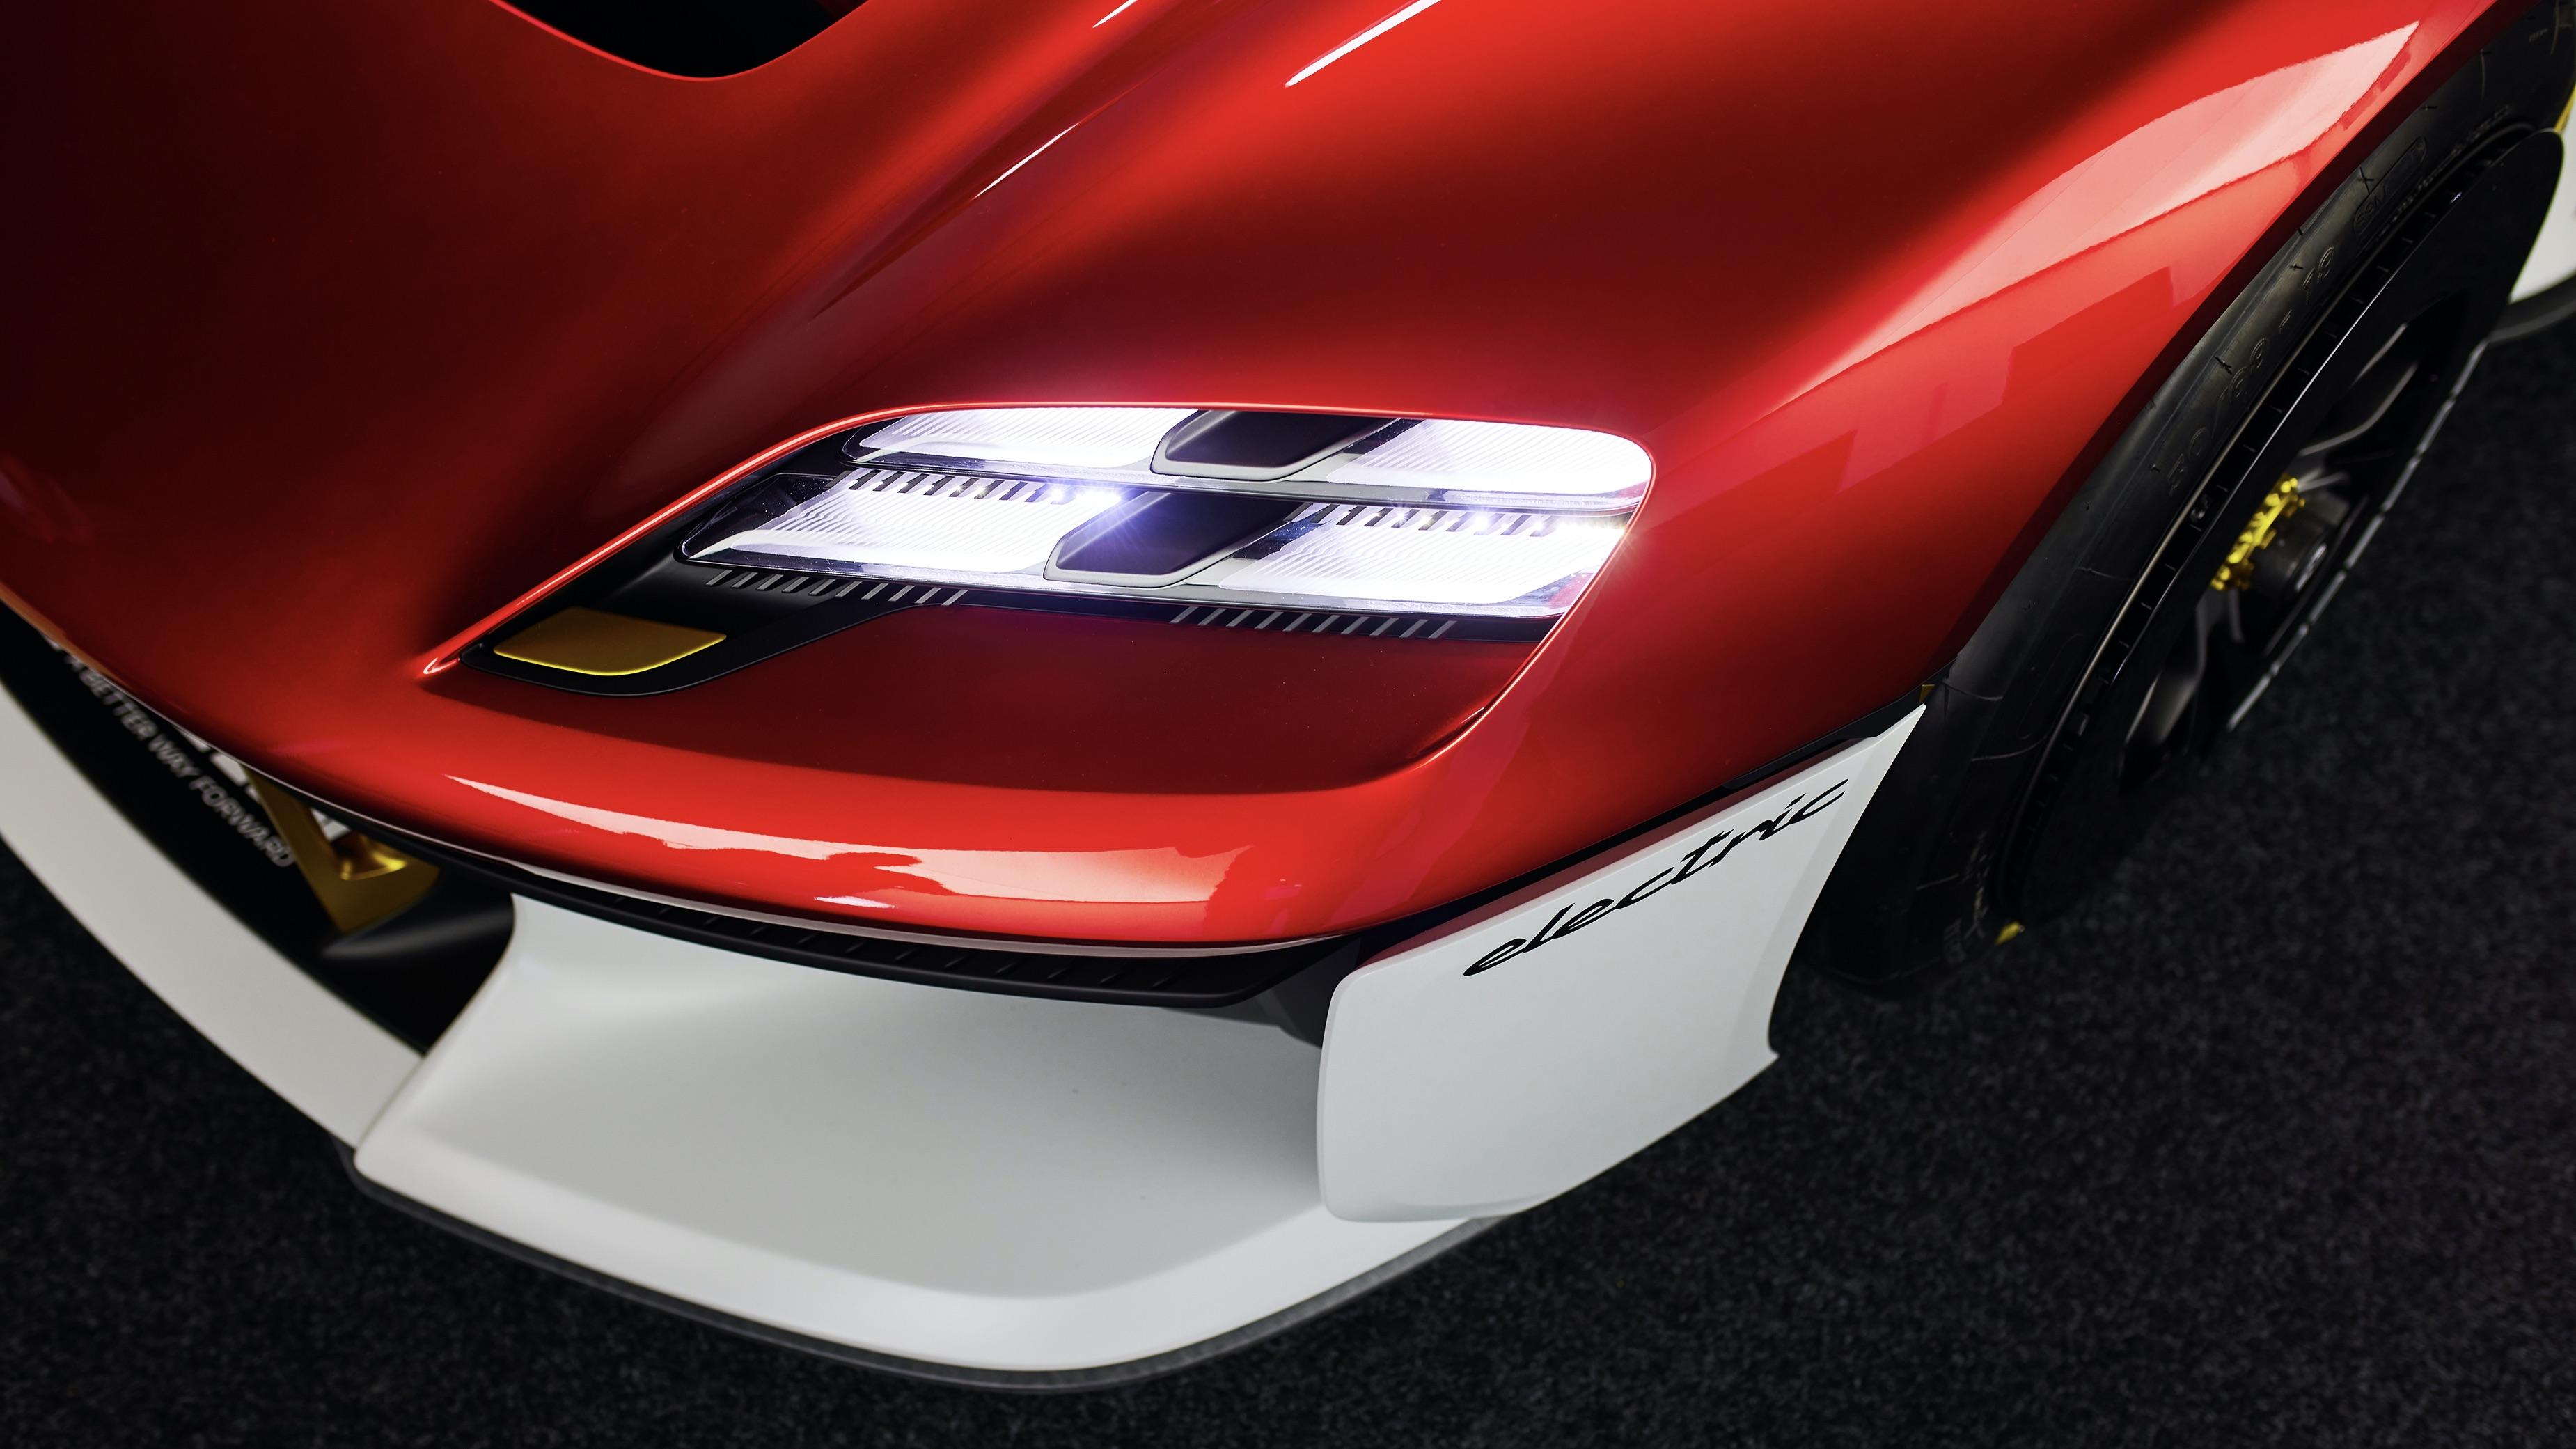 Faróis têm estilo baseado na iluminação do Porsche Taycan